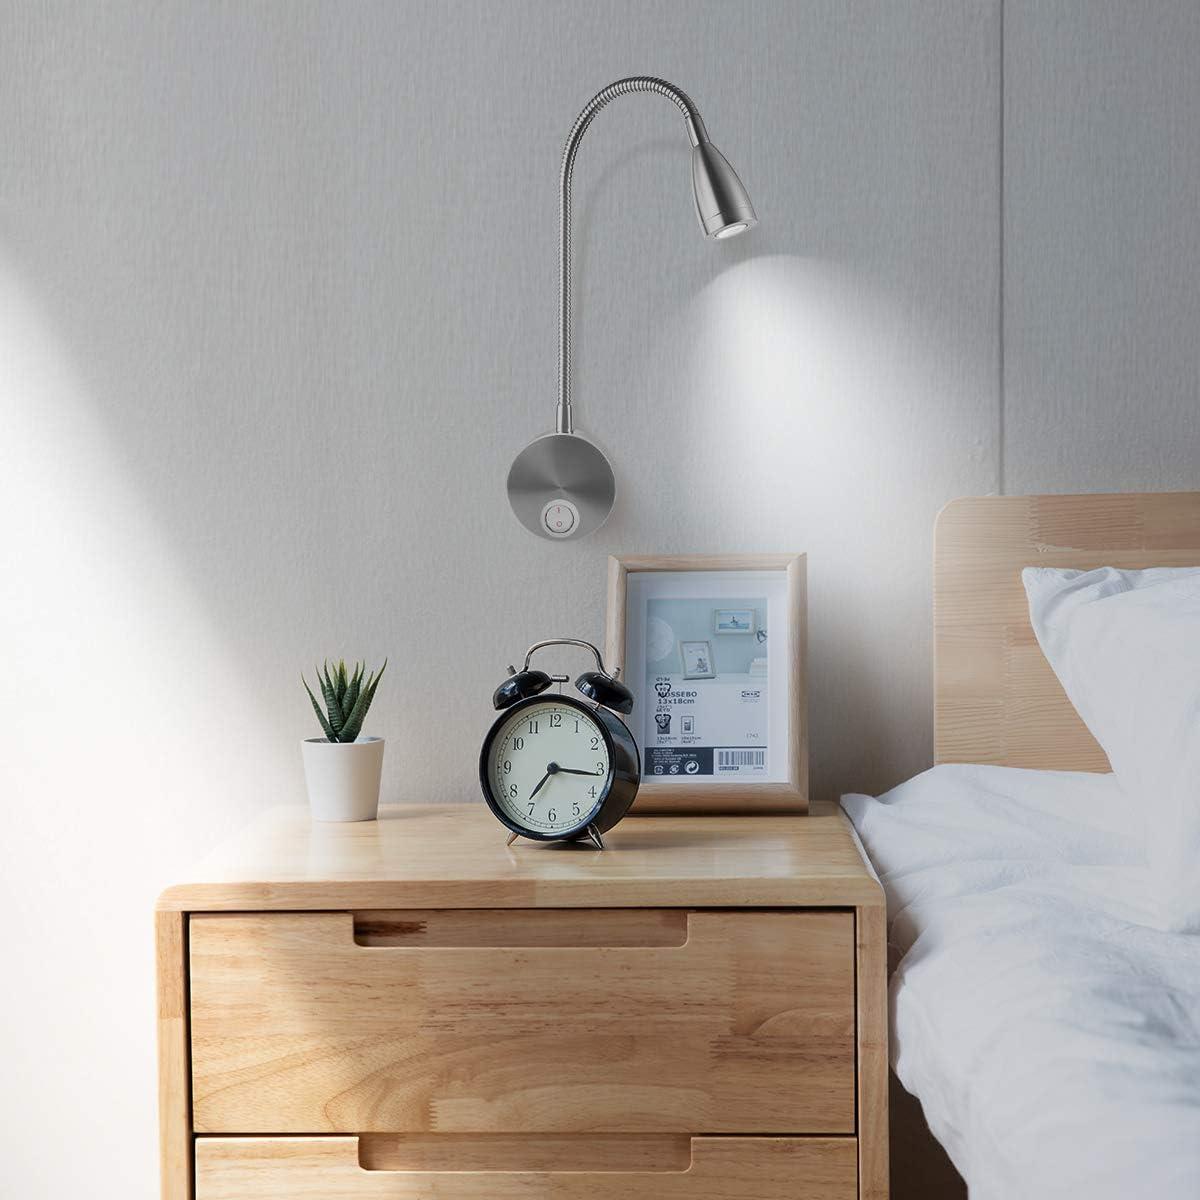 Rosenice AC 85 265V 3W 360/Degree Flexible LED Wall Reading Lamp Warm White Light